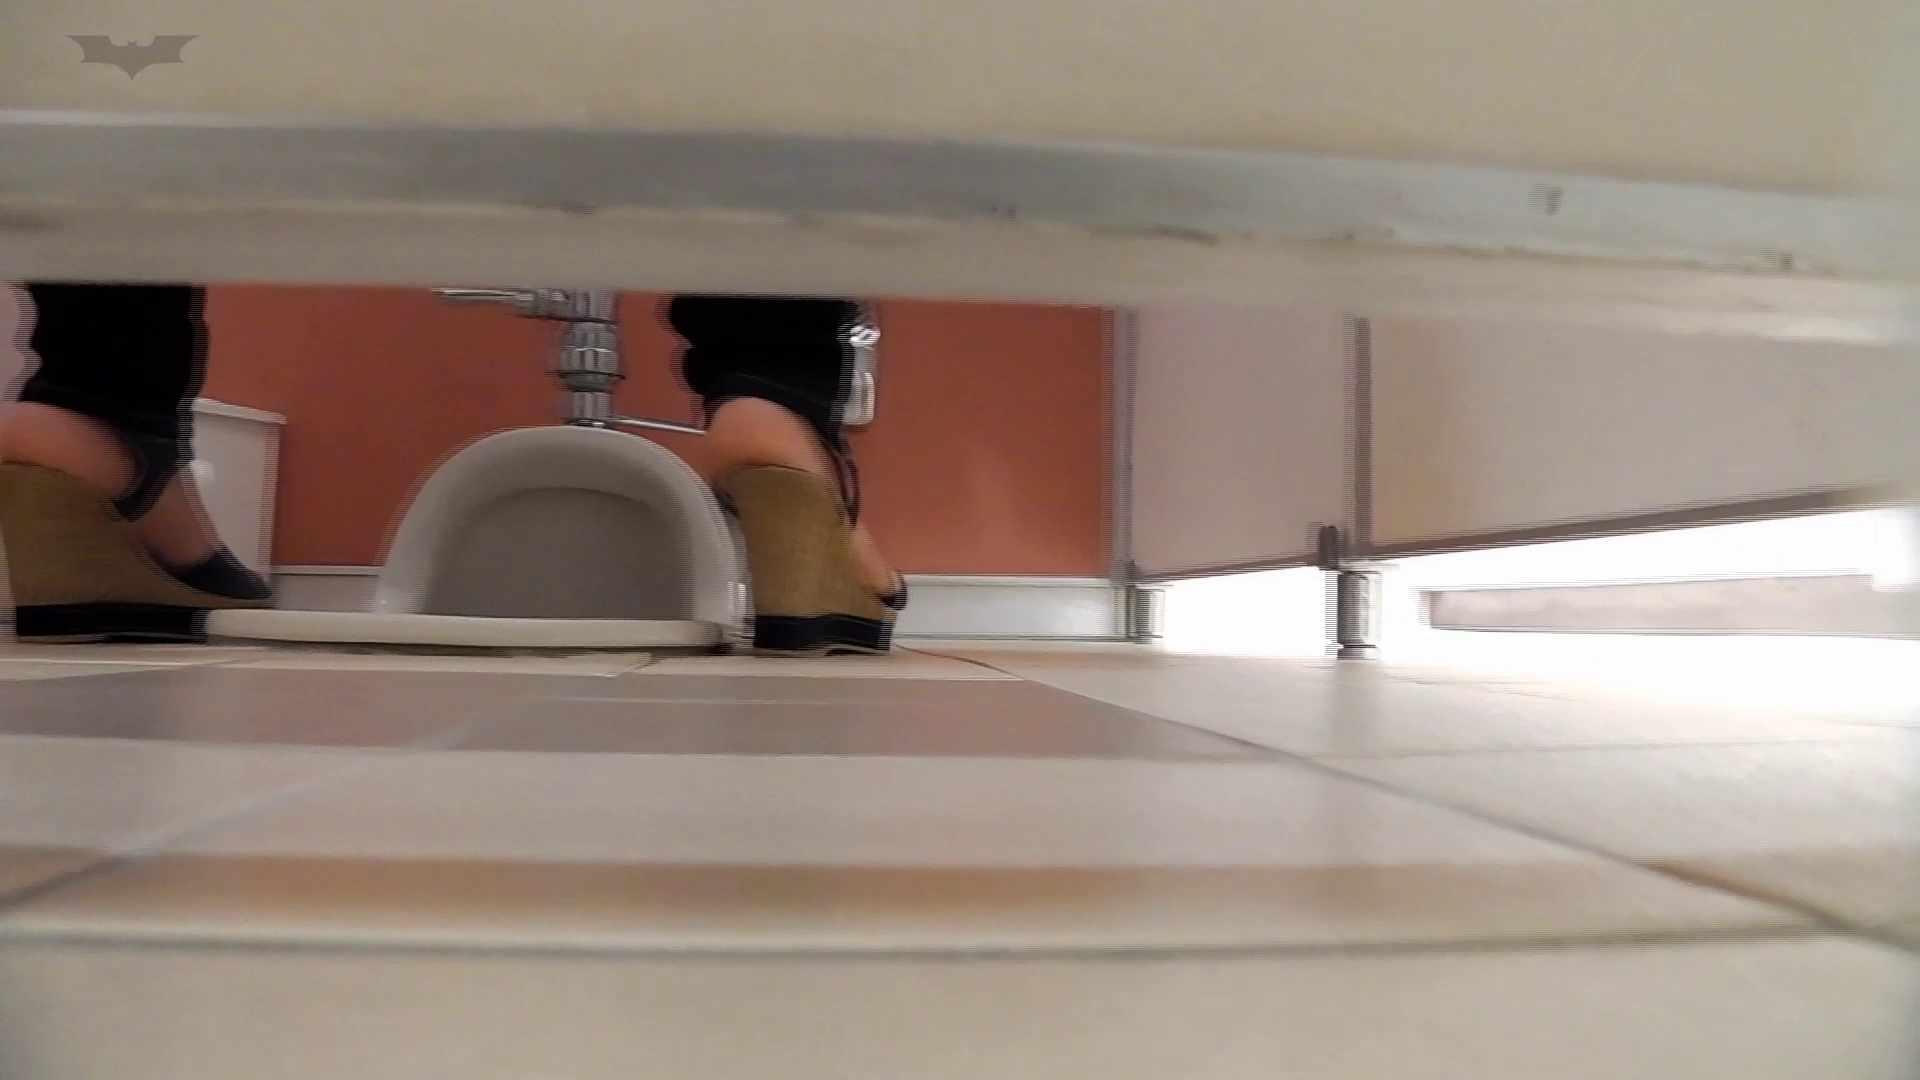 美しい日本の未来 No.29 豹柄サンダルは便秘気味??? おまんこ  109pic 45